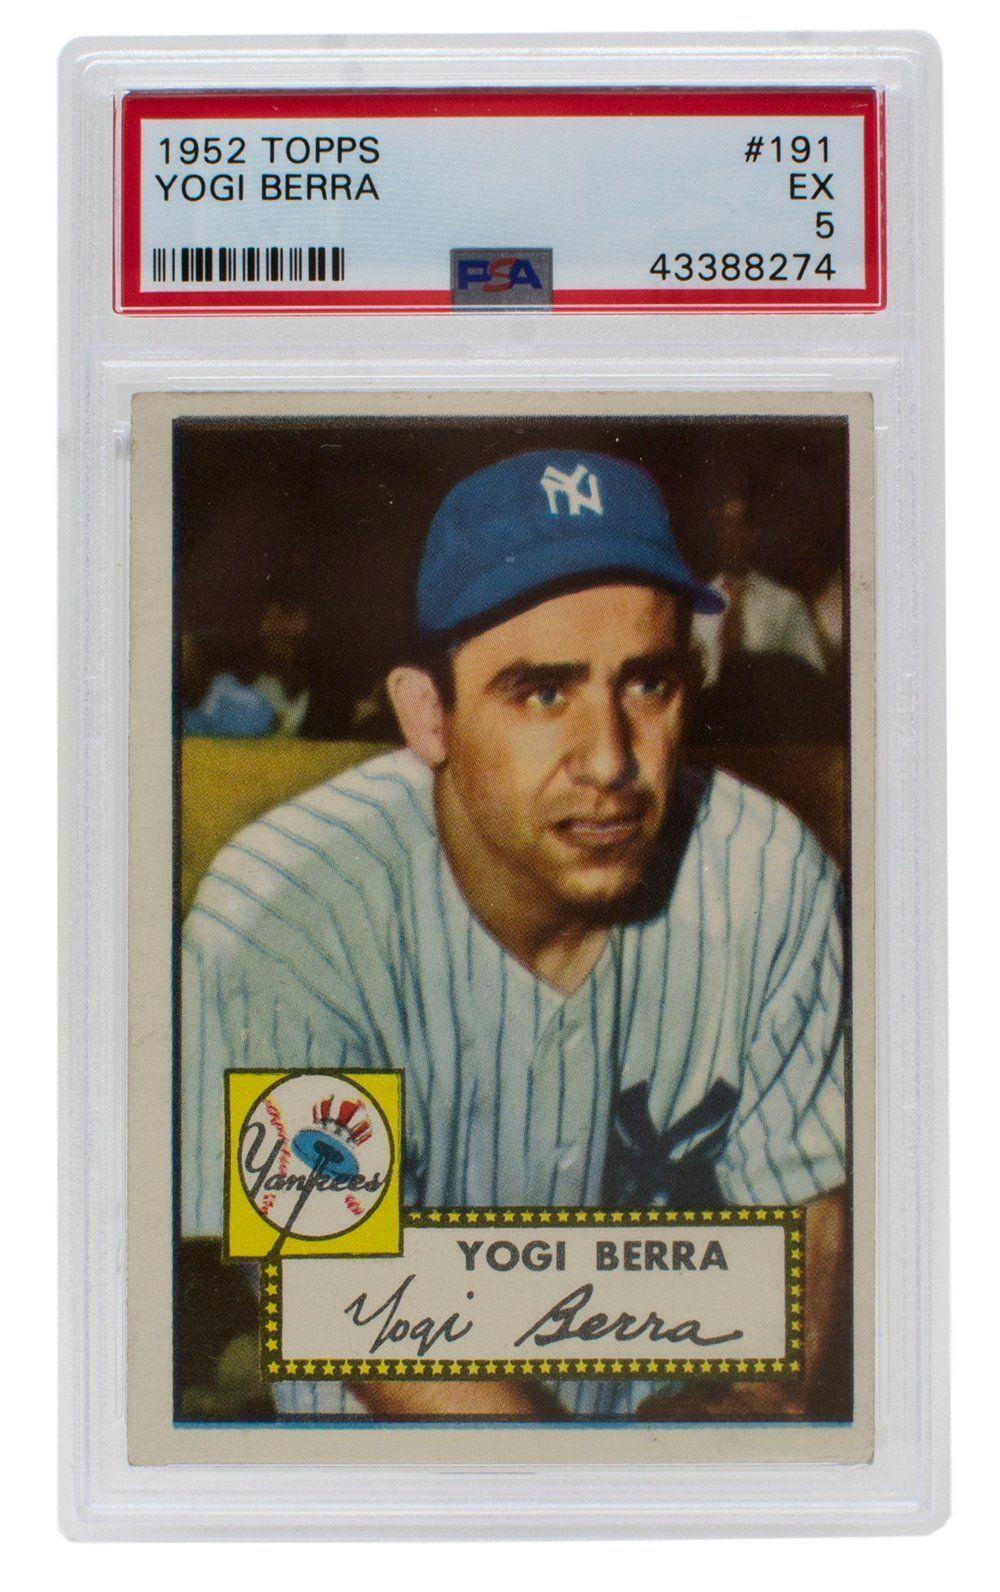 Yogi Berra 1952 191 Topps New York Yankees Baseball Card Slabbed Psa Ex 5 Sportsmemorabilia Autographs Yogi Berra Baseball Cards Baseball